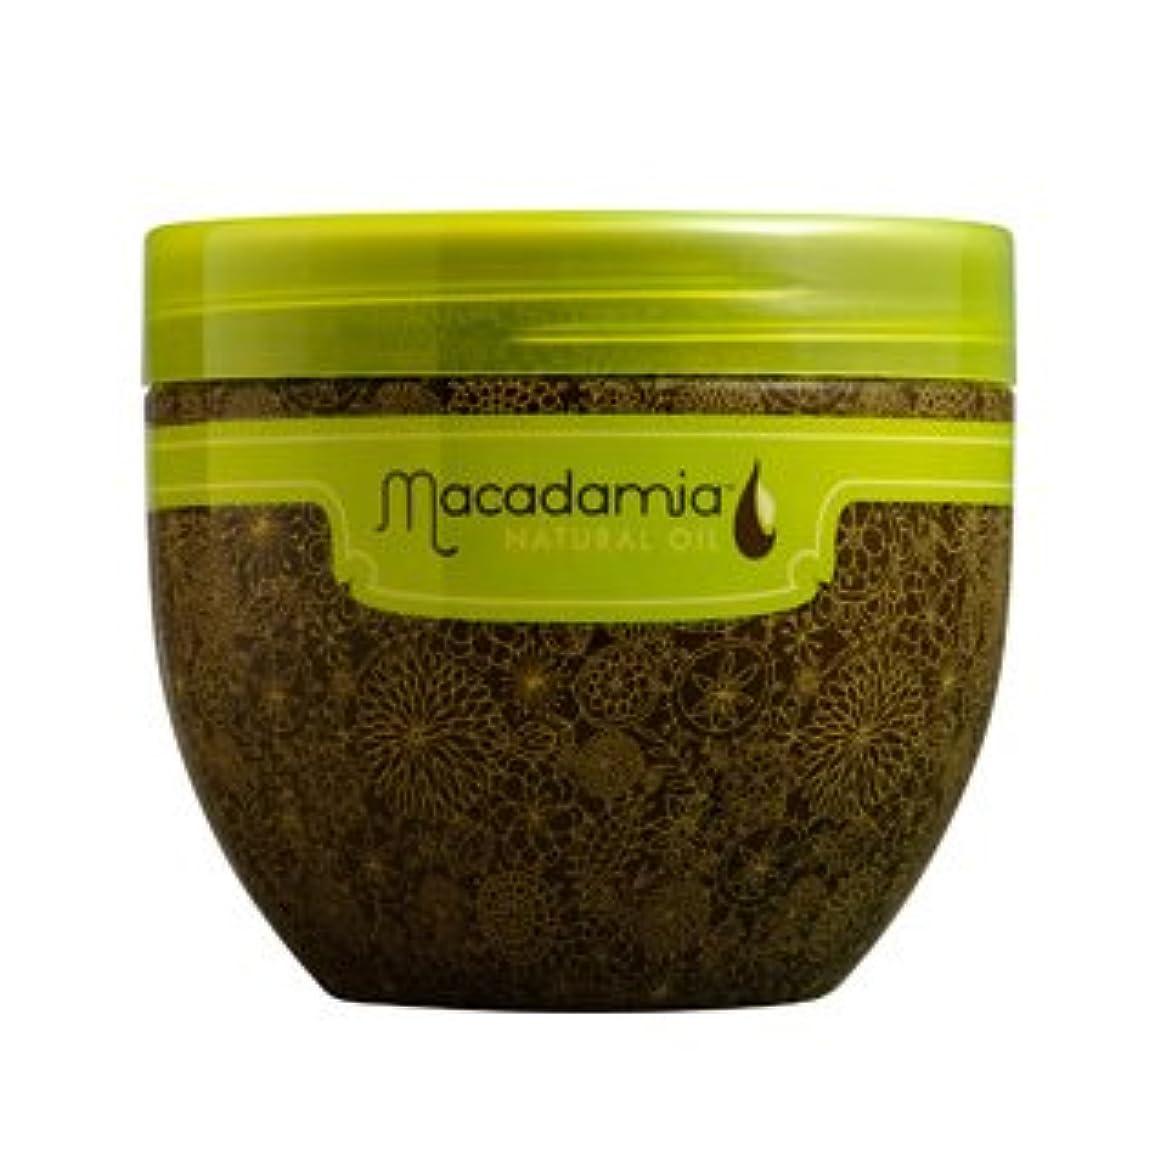 賢明なうんざりピースマカダミア ナチュラルオイル(Macadamia NATURAL OIL) MNOマスク[並行輸入品]